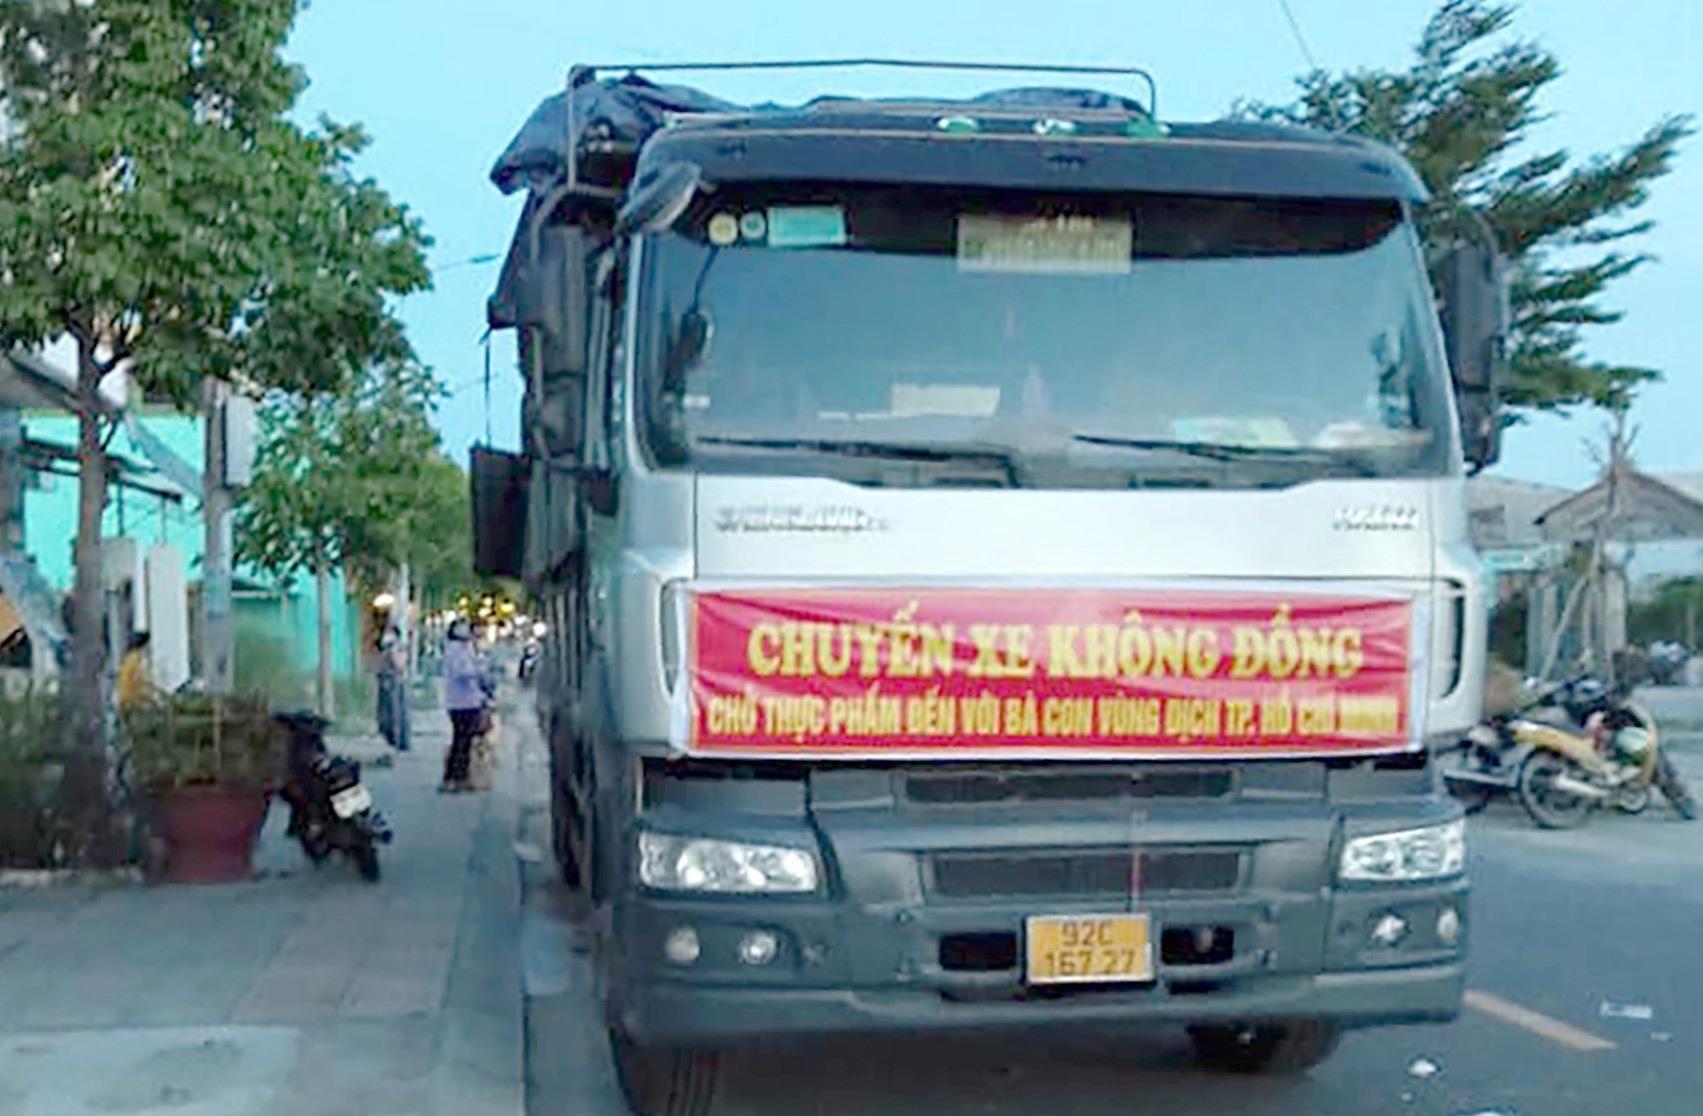 Gần 6 tấn hàng đầu vừa được anh Khoa tiếp nhận và vận chuyển vào TP.Hồ Chí Minh. Ảnh: L.K